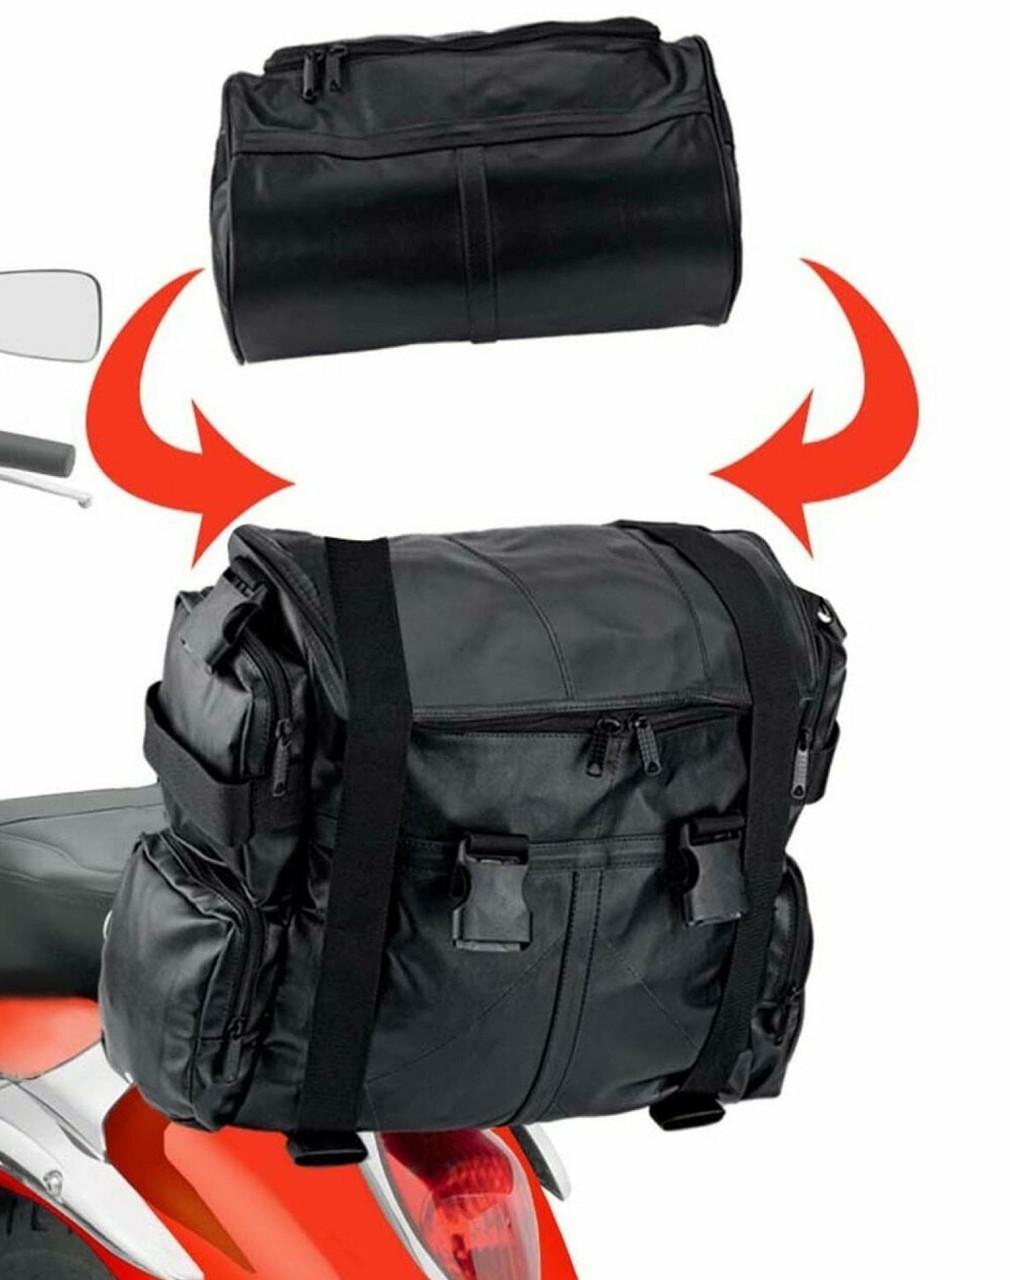 Kawasaki Viking Aero Medium Expandable Motorcycle Sissy Bar Bags with Roll Bag